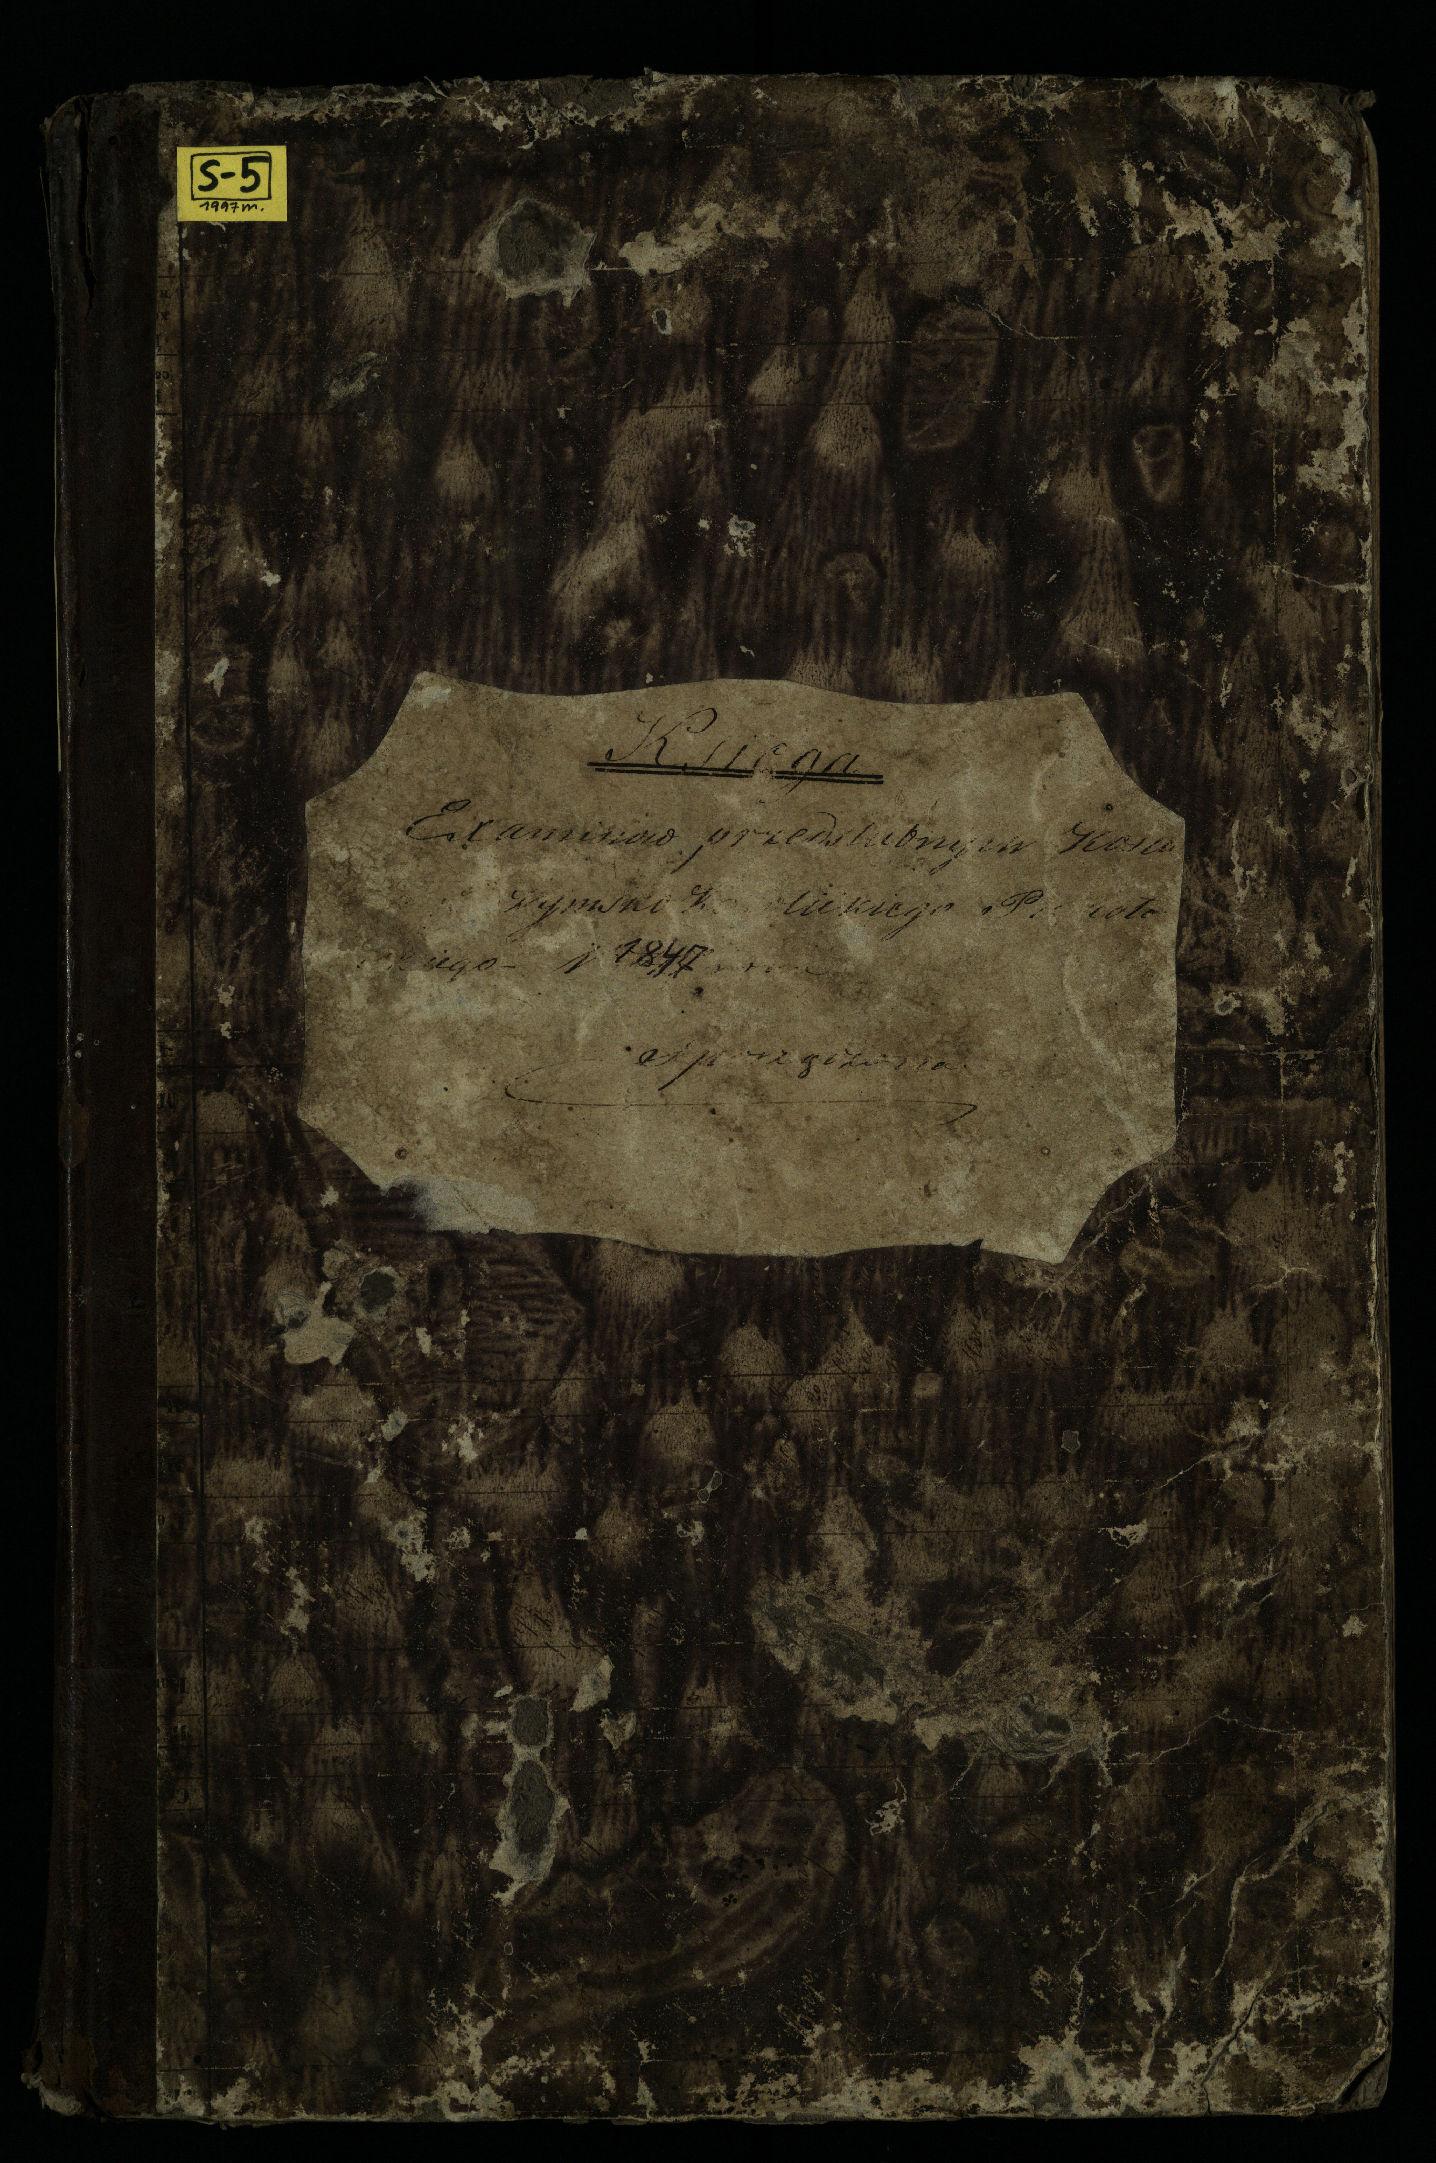 Pušaloto Romos katalikų parapijos bažnyčios 1847–1855 metų priešjungtuvinės apklausos knyga